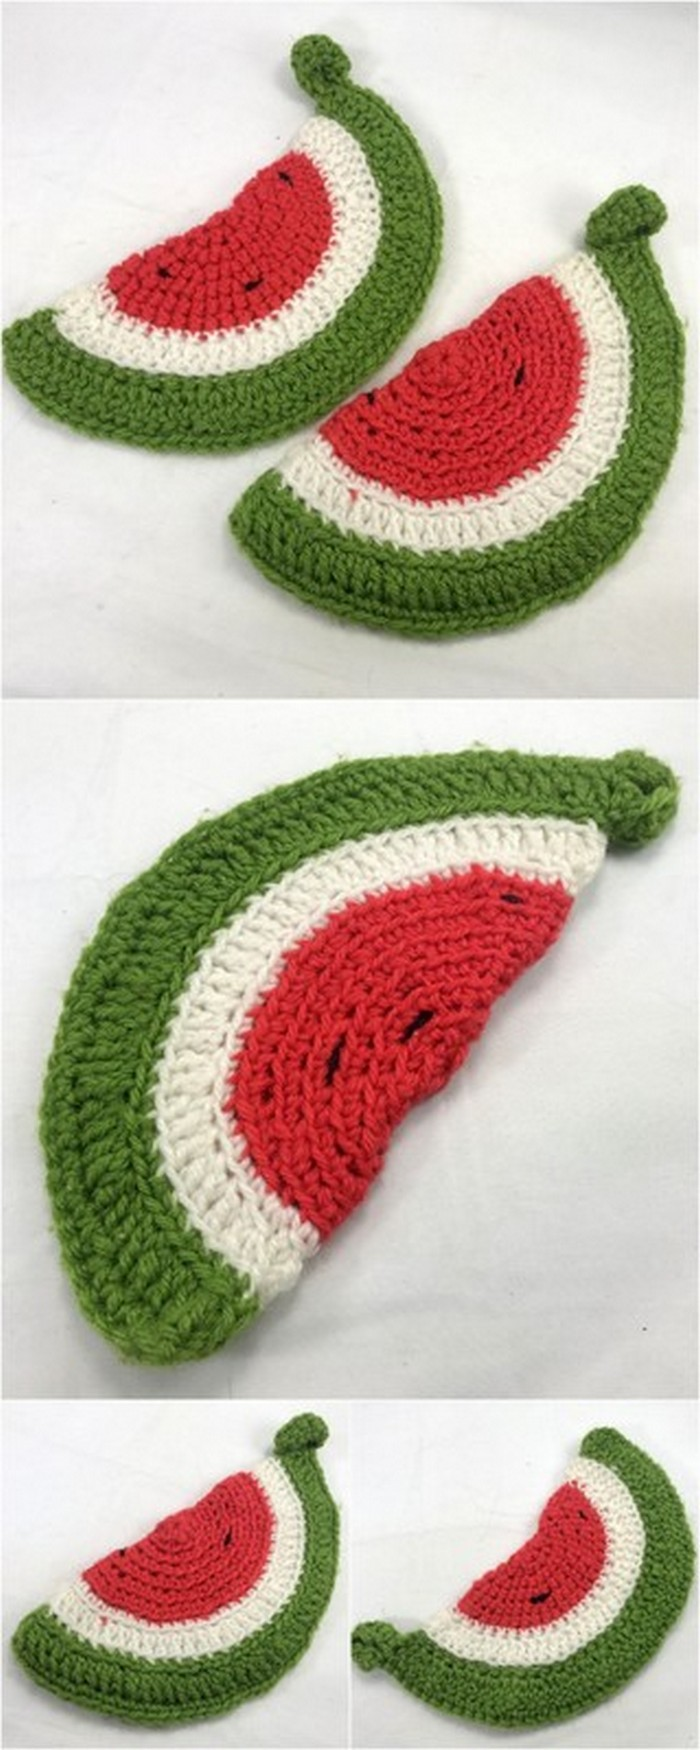 Watermelon Slice Free Crochet Pattern.